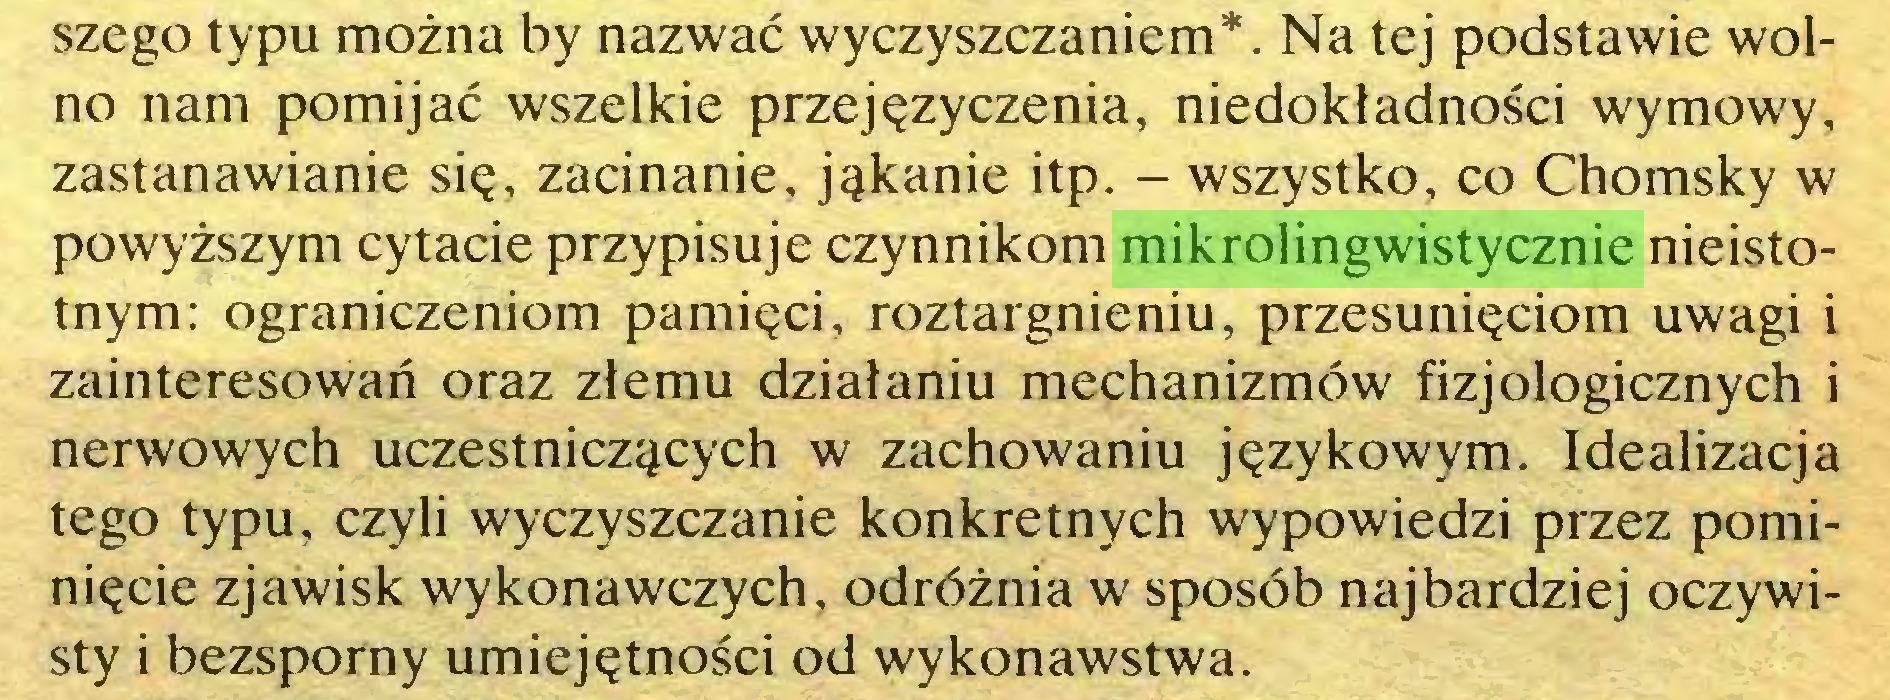 (...) szego typu można by nazwać wyczyszczaniem*. Na tej podstawie wolno nam pomijać wszelkie przejęzyczenia, niedokładności wymowy, zastanawianie się, zacinanie, jąkanie itp. - wszystko, co Chomsky w powyższym cytacie przypisuje czynnikom mikrolingwistycznie nieistotnym: ograniczeniom pamięci, roztargnieniu, przesunięciom uwagi i zainteresowań oraz złemu działaniu mechanizmów fizjologicznych i nerwowych uczestniczących w zachowaniu językowym. Idealizacja tego typu, czyli wyczyszczanie konkretnych wypowiedzi przez pominięcie zjawisk wykonawczych, odróżnia w sposób najbardziej oczywisty i bezsporny umiejętności od wykonawstwa...